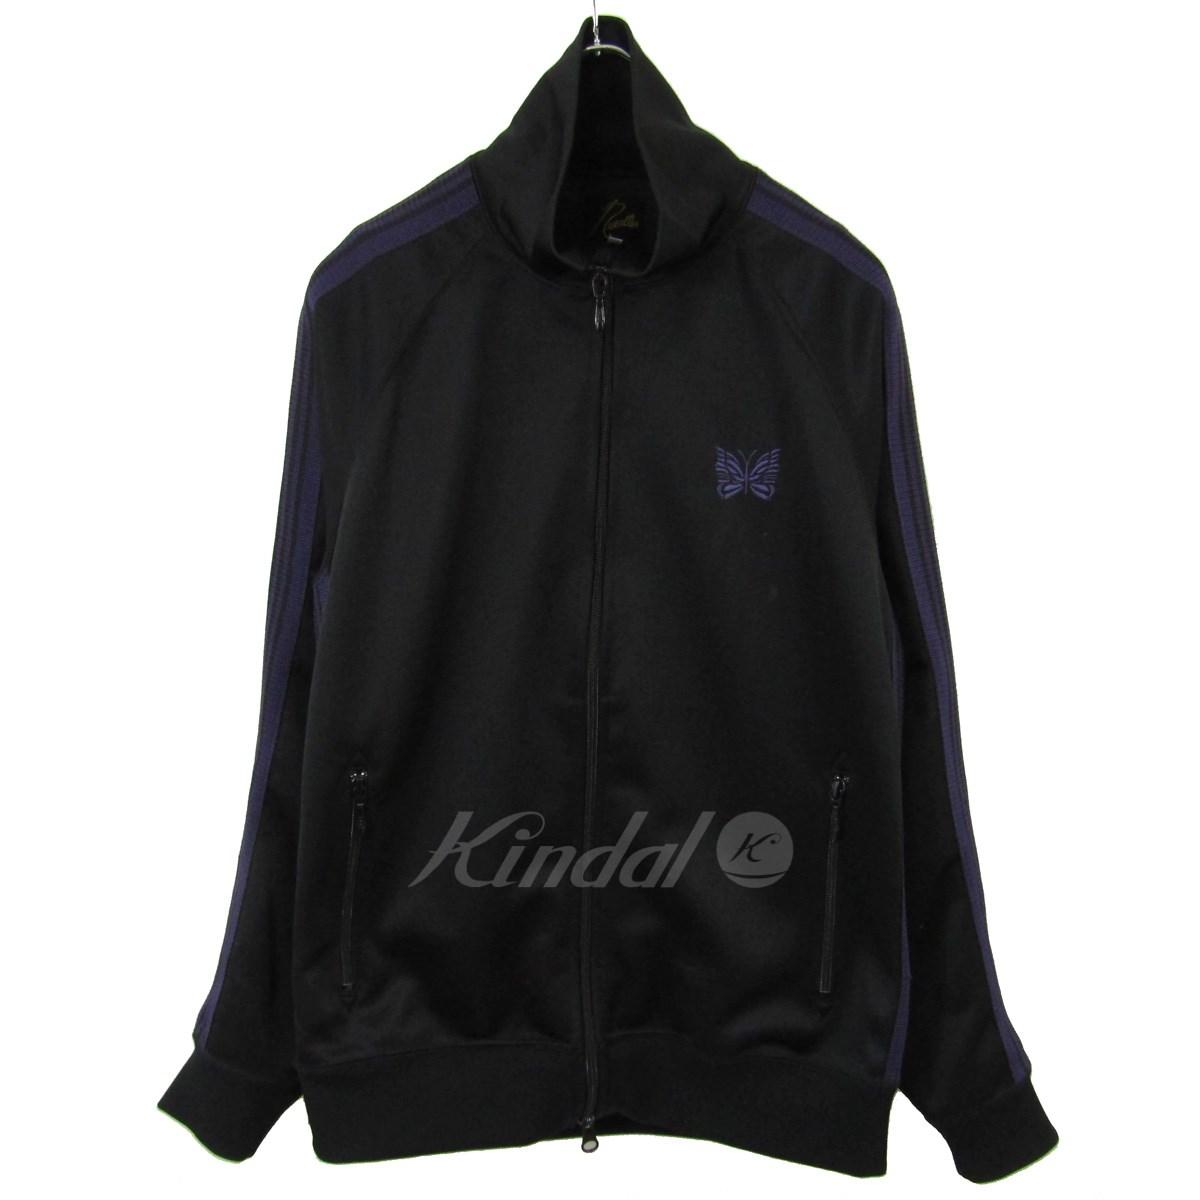 【中古】Needles バタフライ刺繍 トラックジャケット ジャージ 【送料無料】 【042095】 【KIND1550】